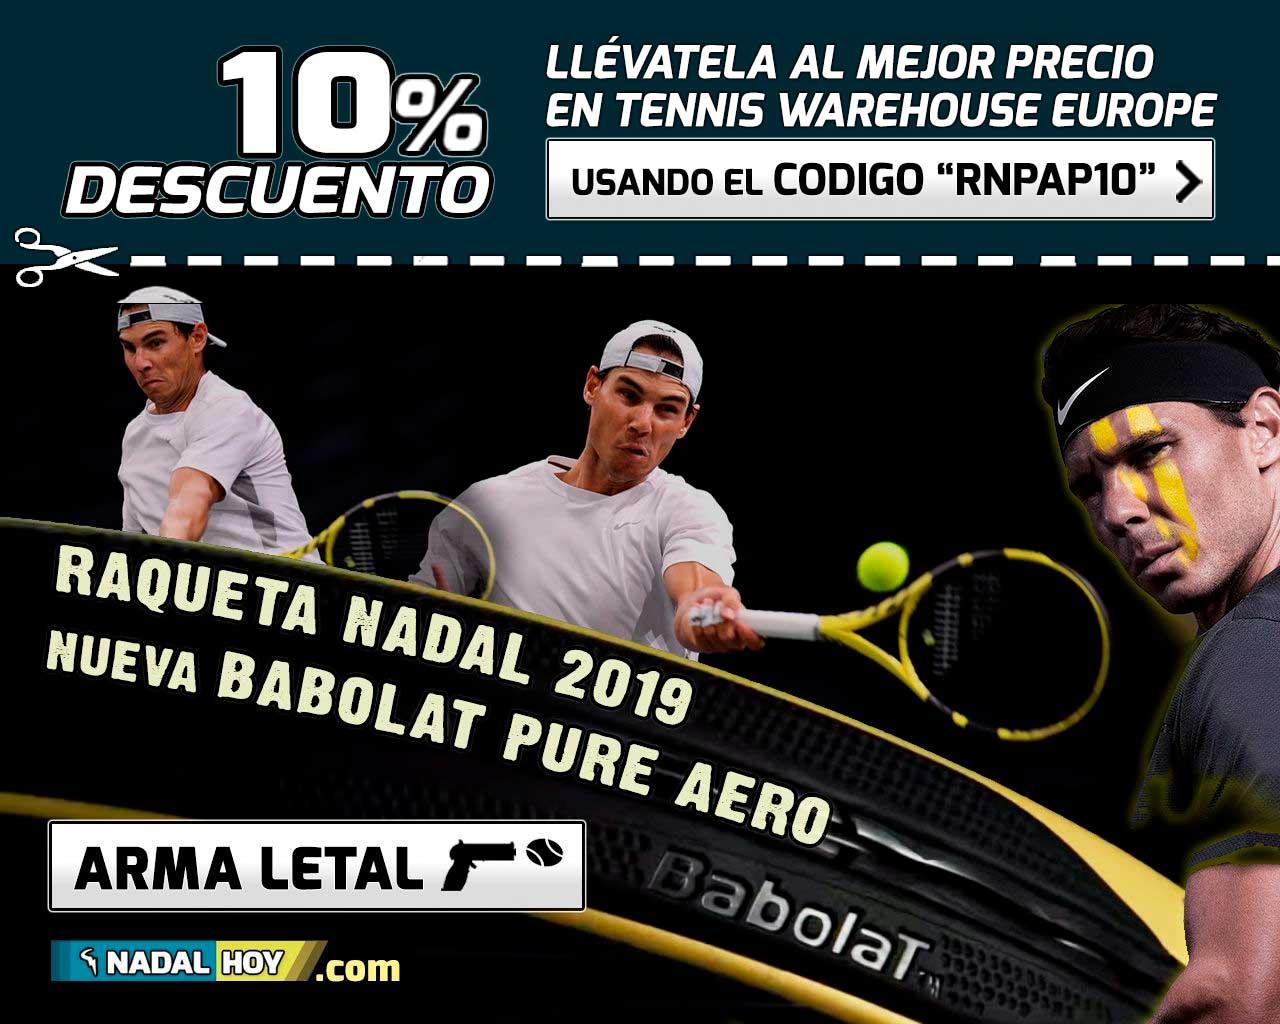 Babolat Pure Aero 2019, nueva raqueta, arma letal para Nadal